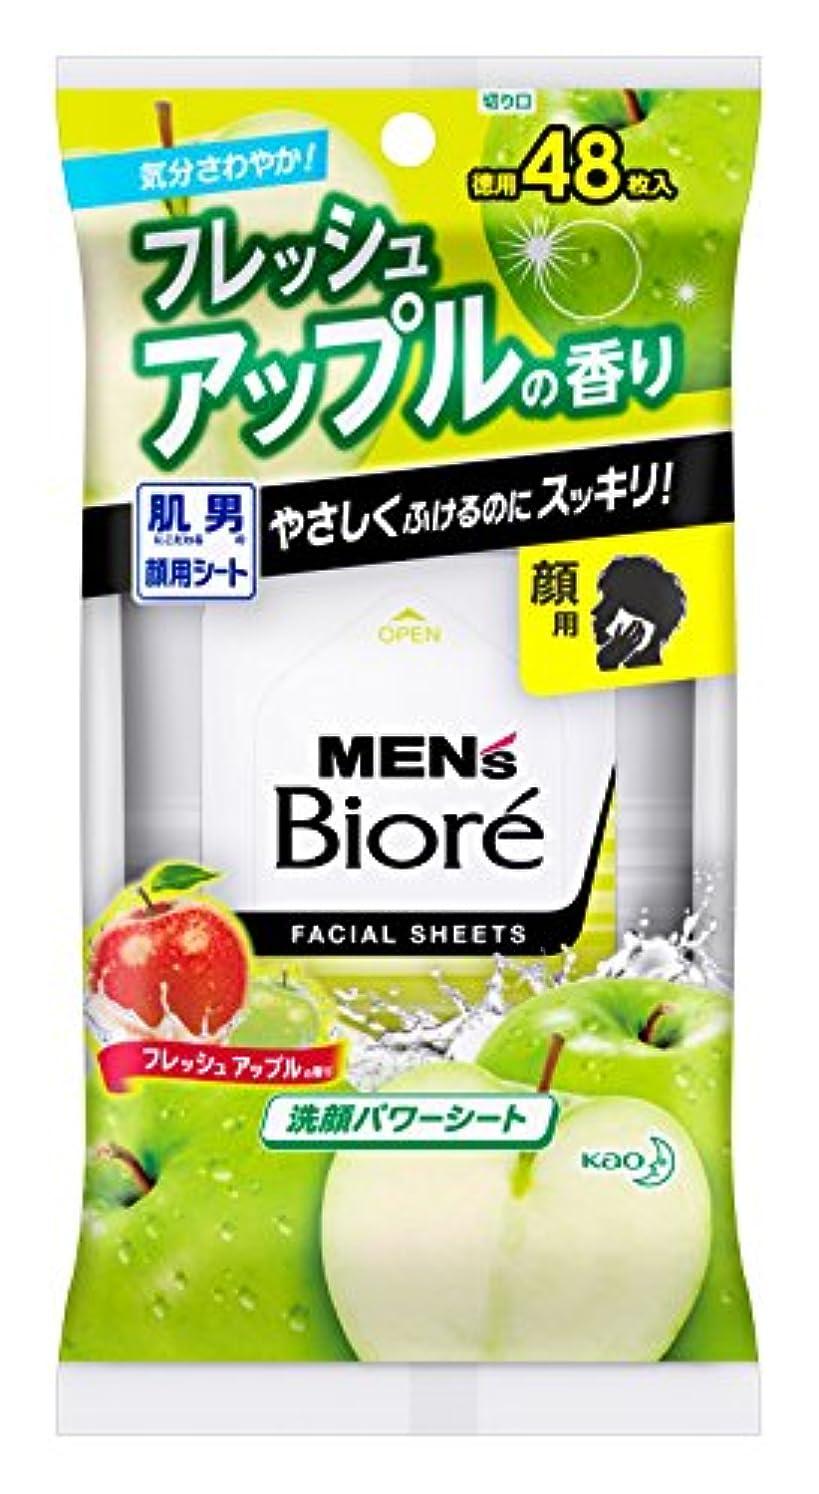 不完全地中海類人猿メンズビオレ 洗顔パワーシート フレッシュアップルの香り 卓上タイプ 48枚